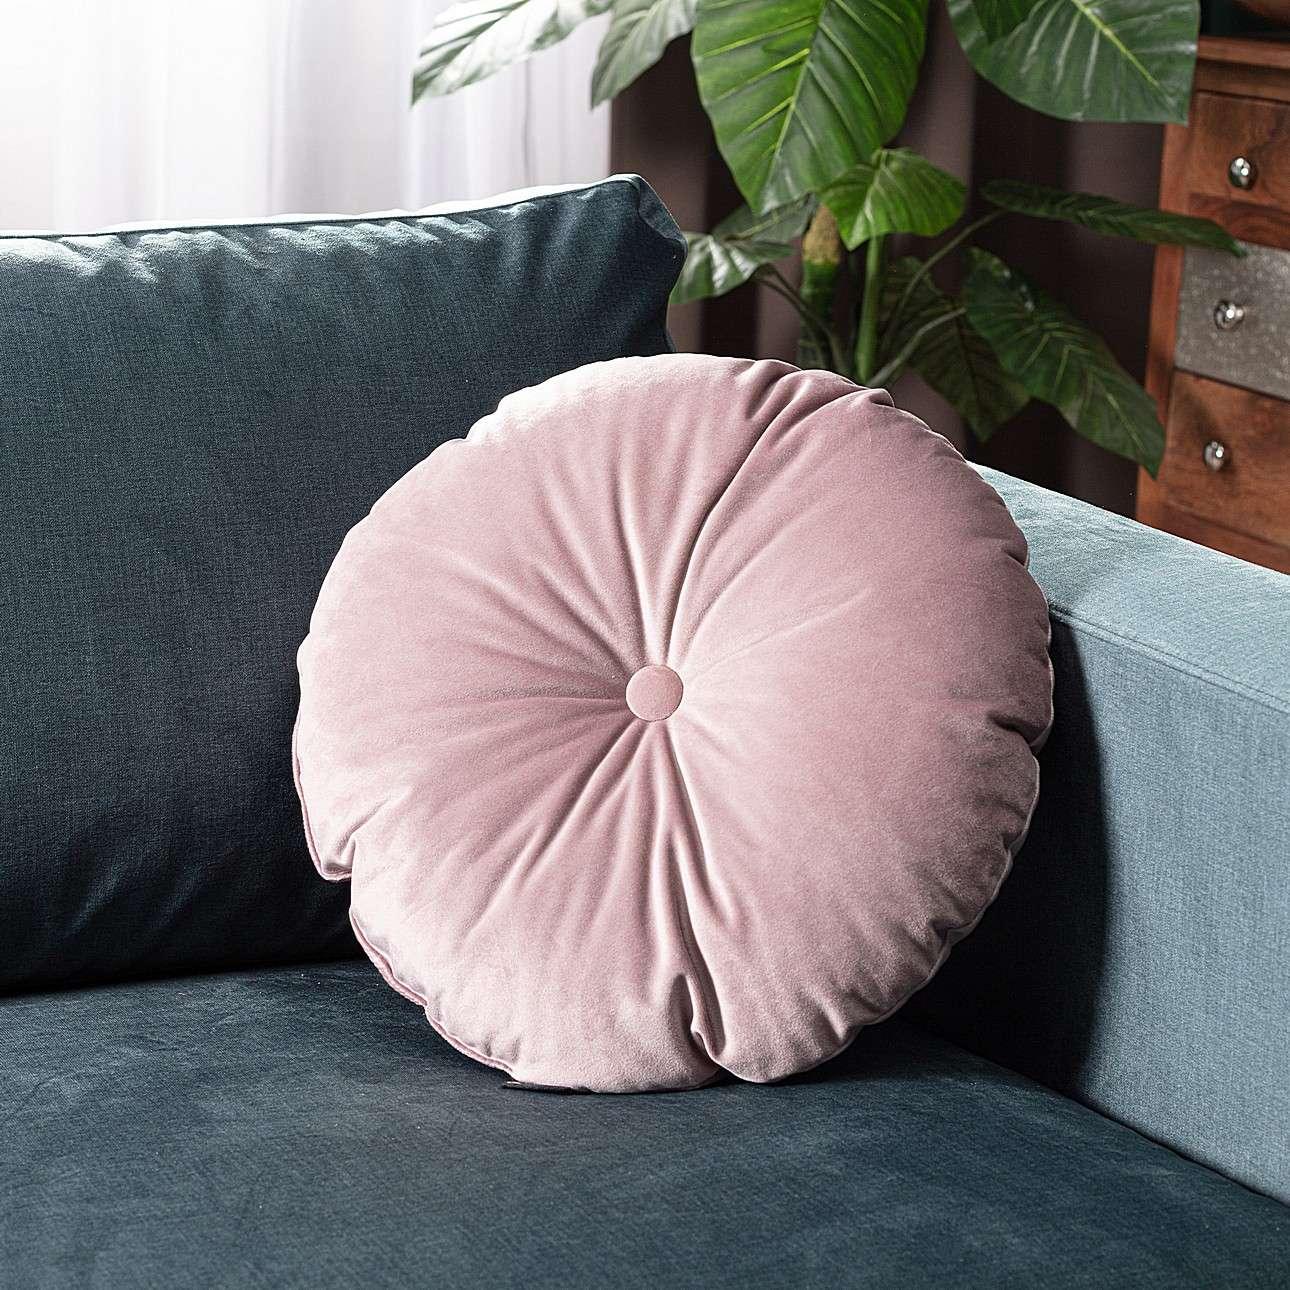 Poduszka okrągła Velvet z guzikiem w kolekcji Velvet, tkanina: 704-14